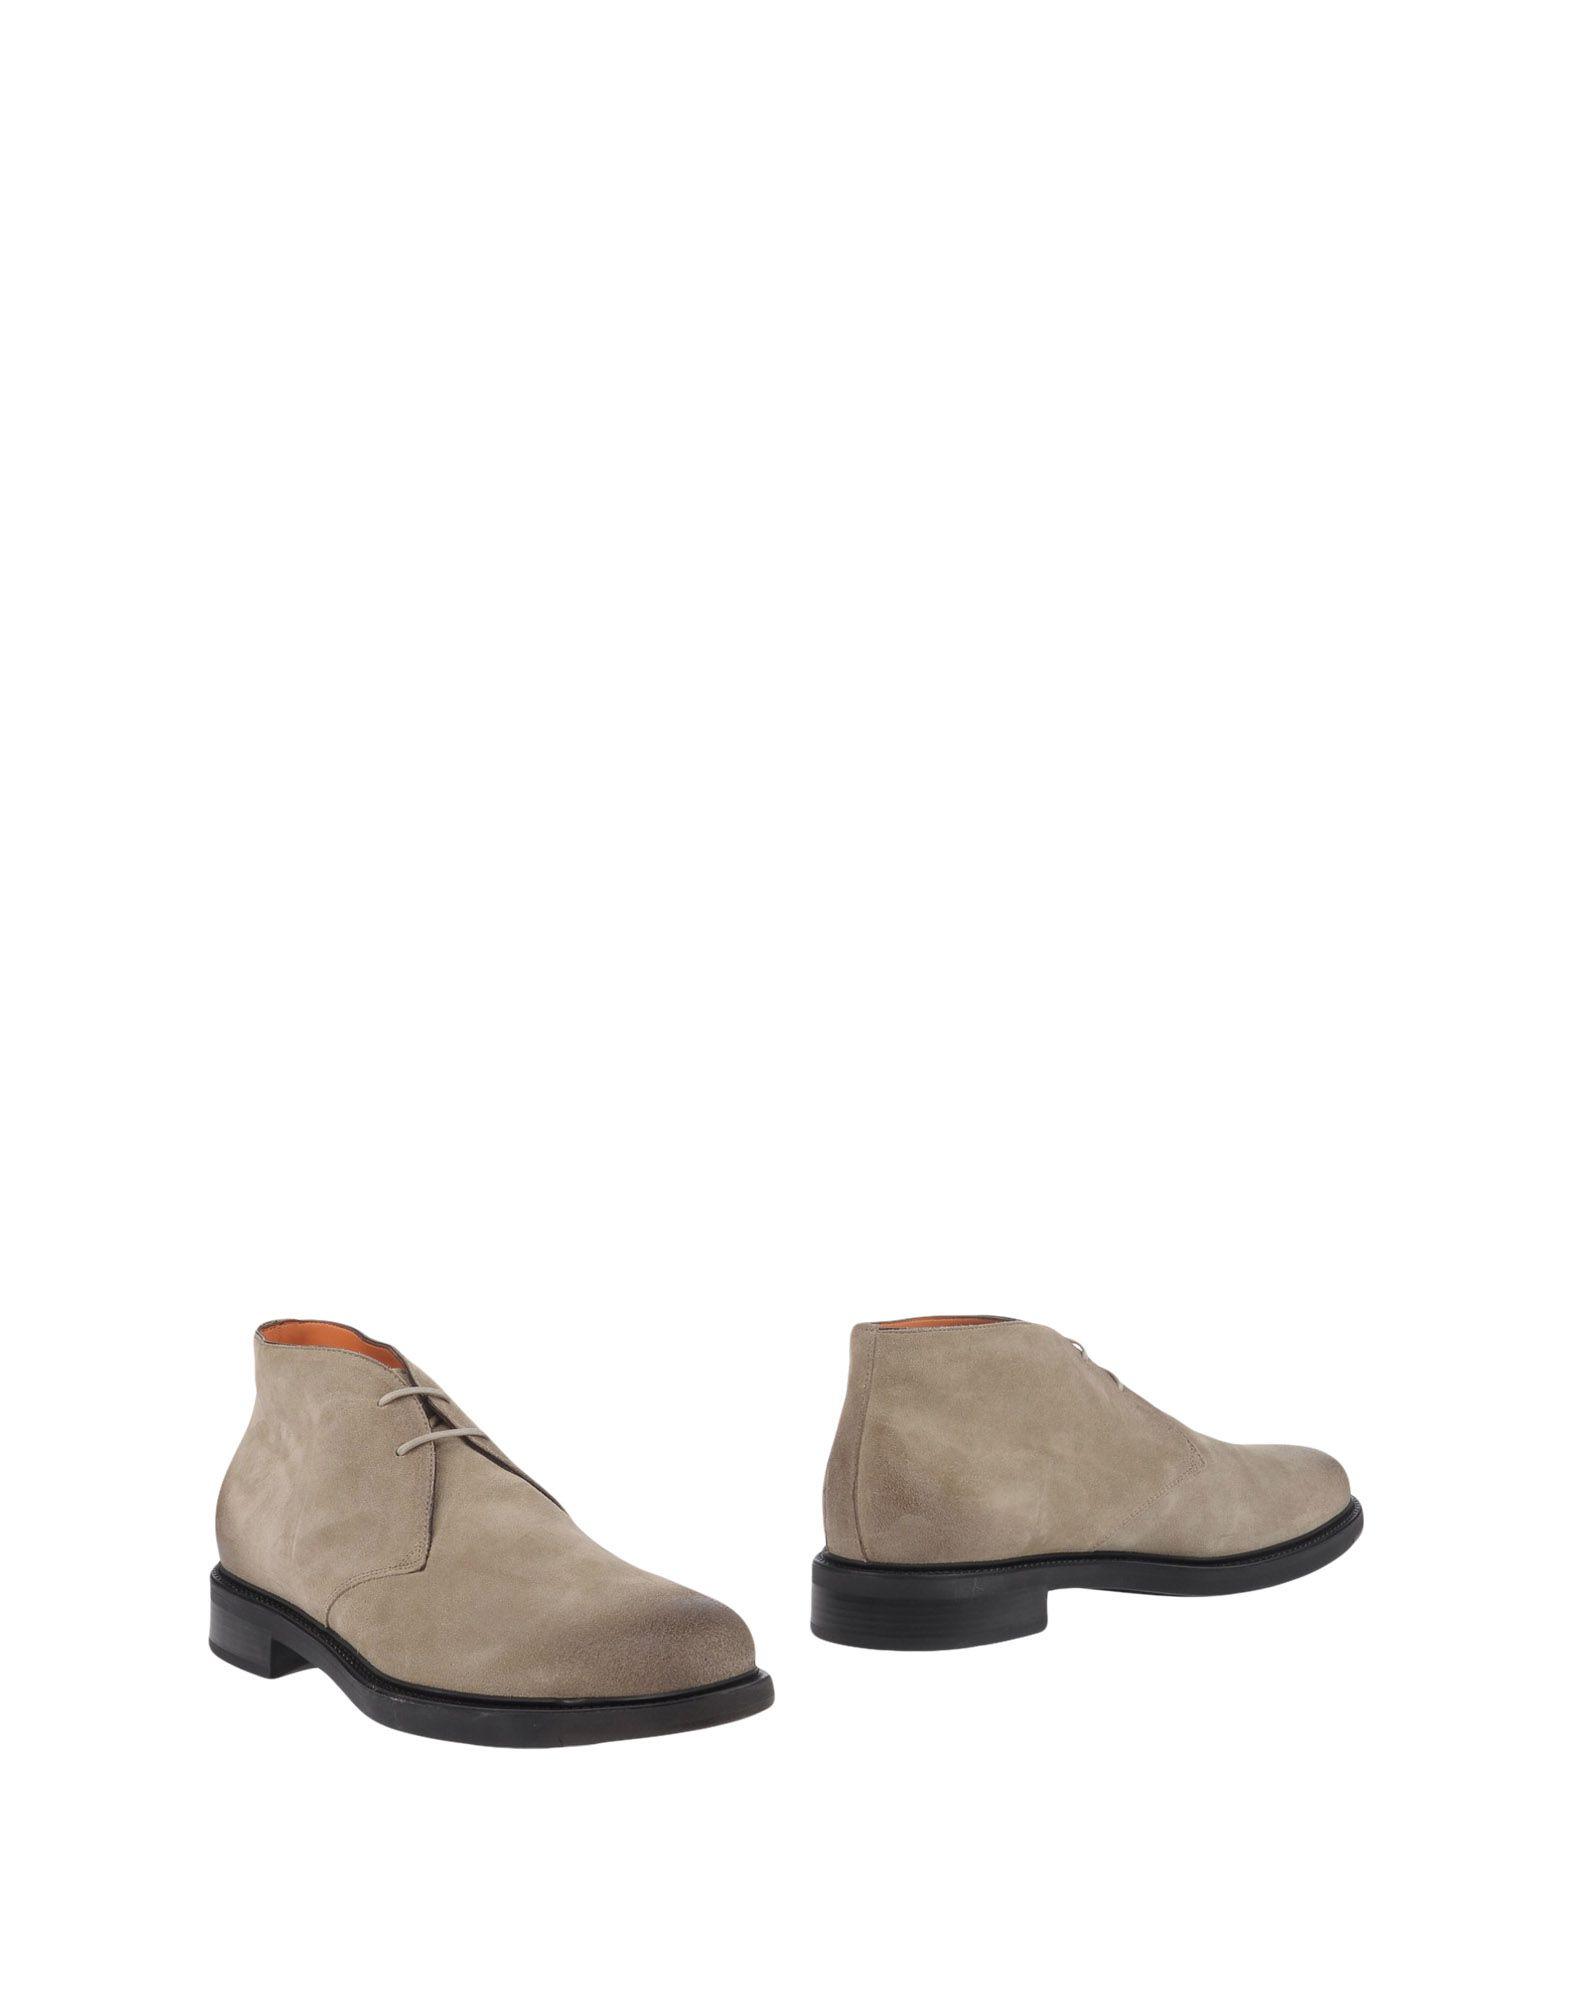 Santoni Stiefelette Herren  11193158OW Gute Qualität beliebte Schuhe